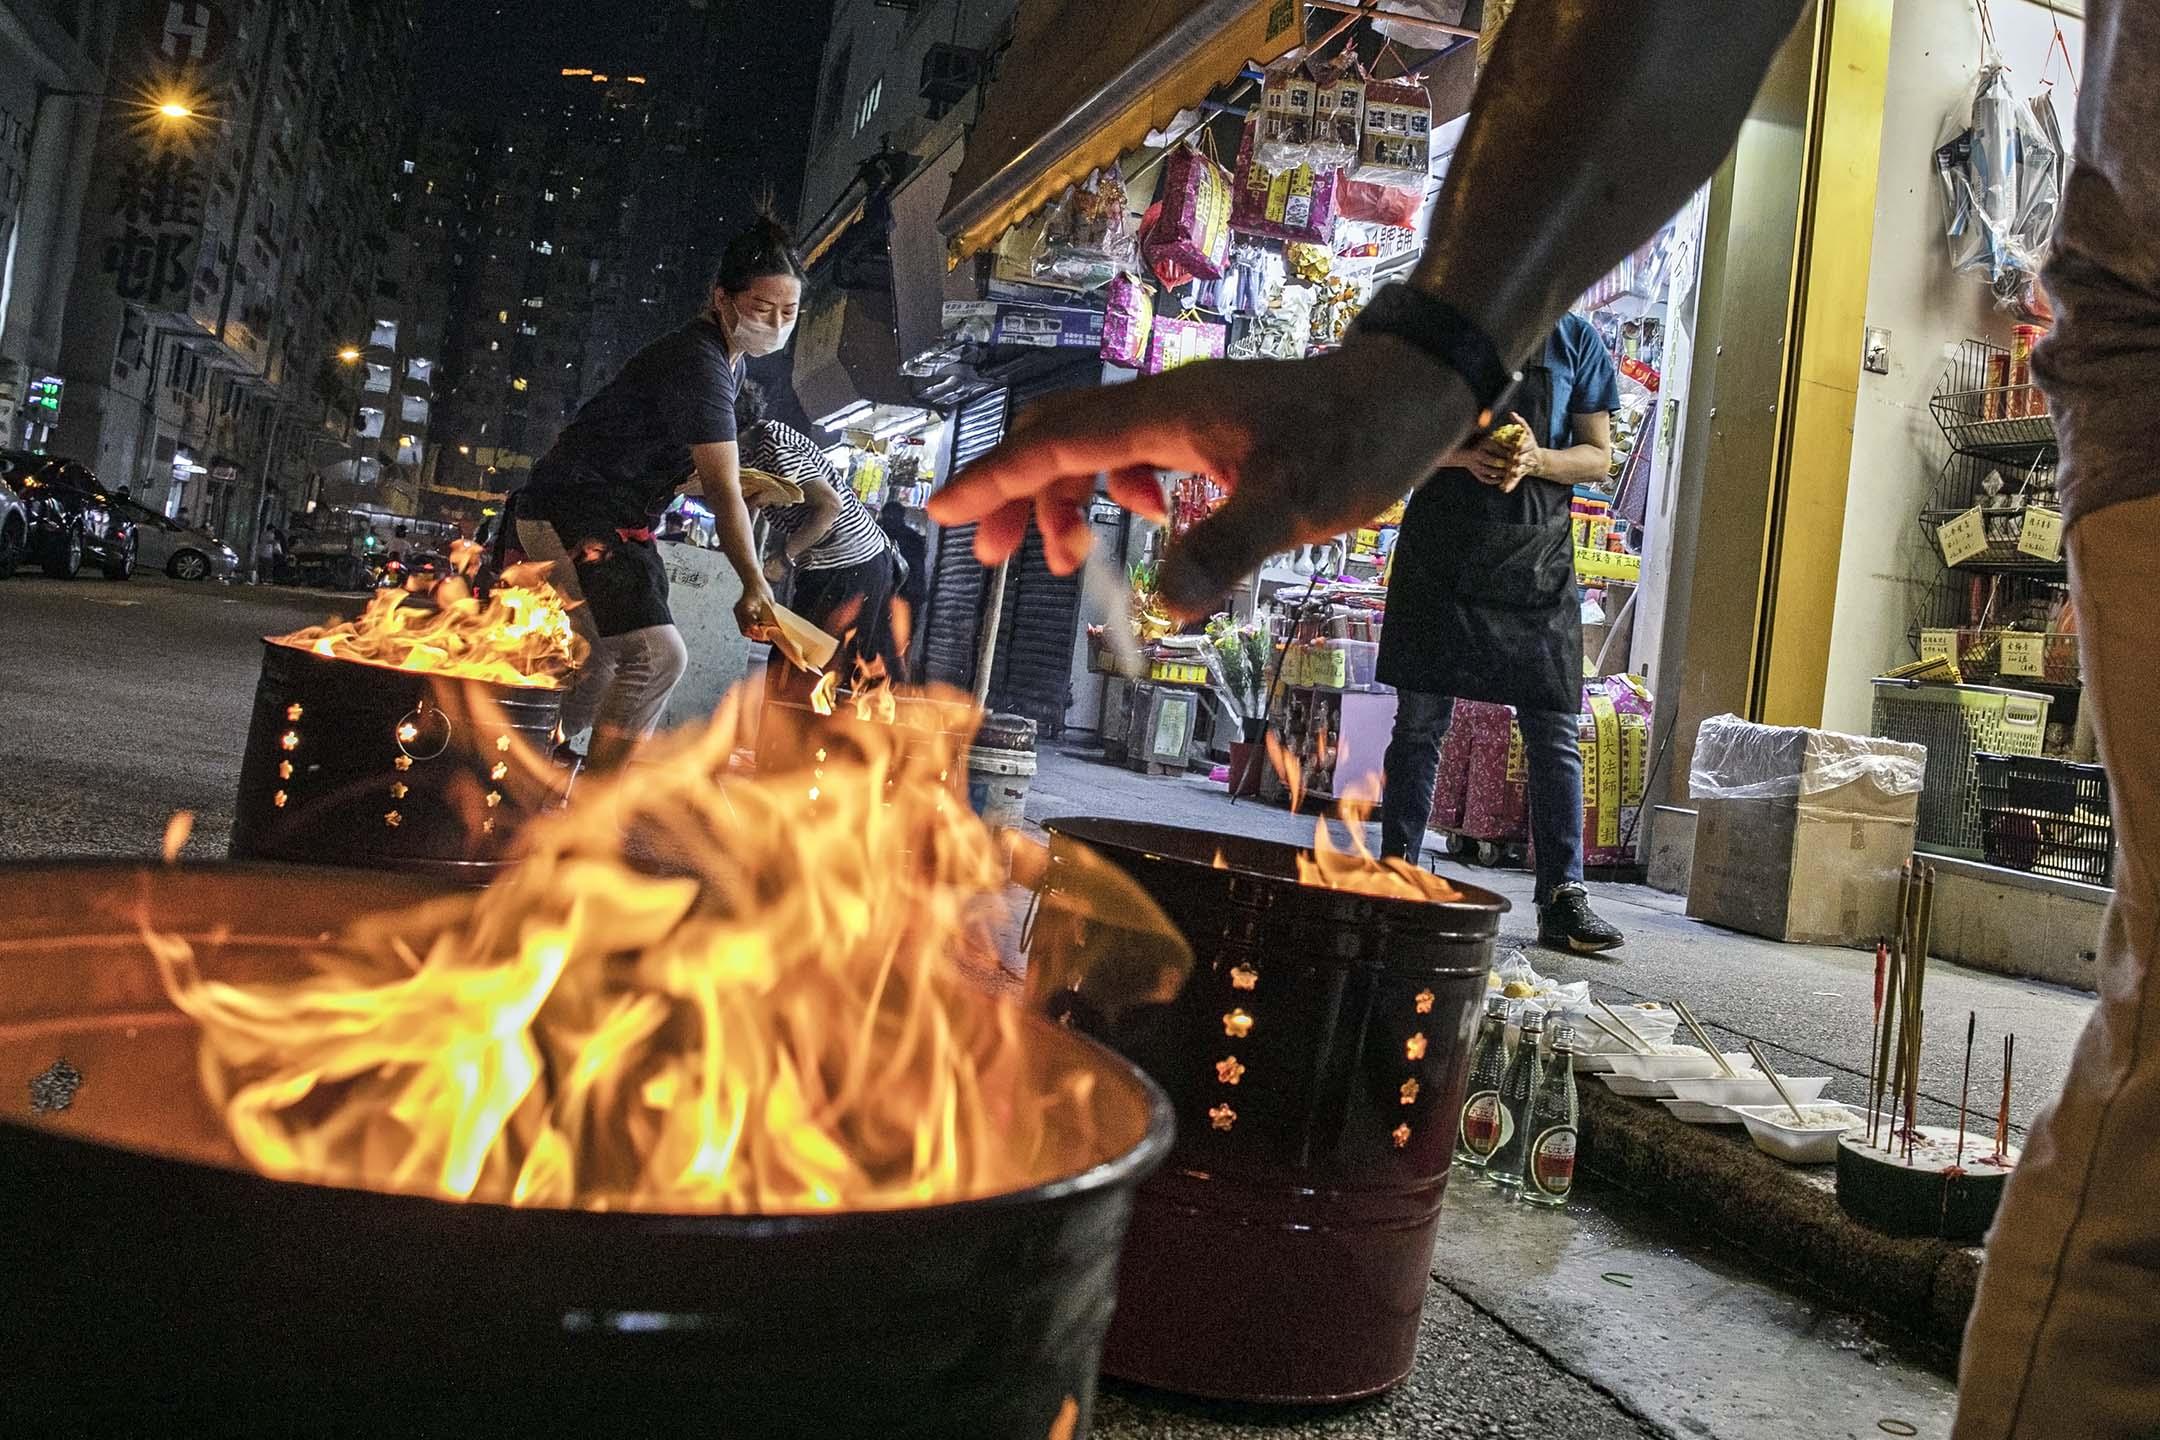 2020年9月2日紅磡,市民在盂蘭節期間燒街衣。 攝:陳焯煇/端傳媒